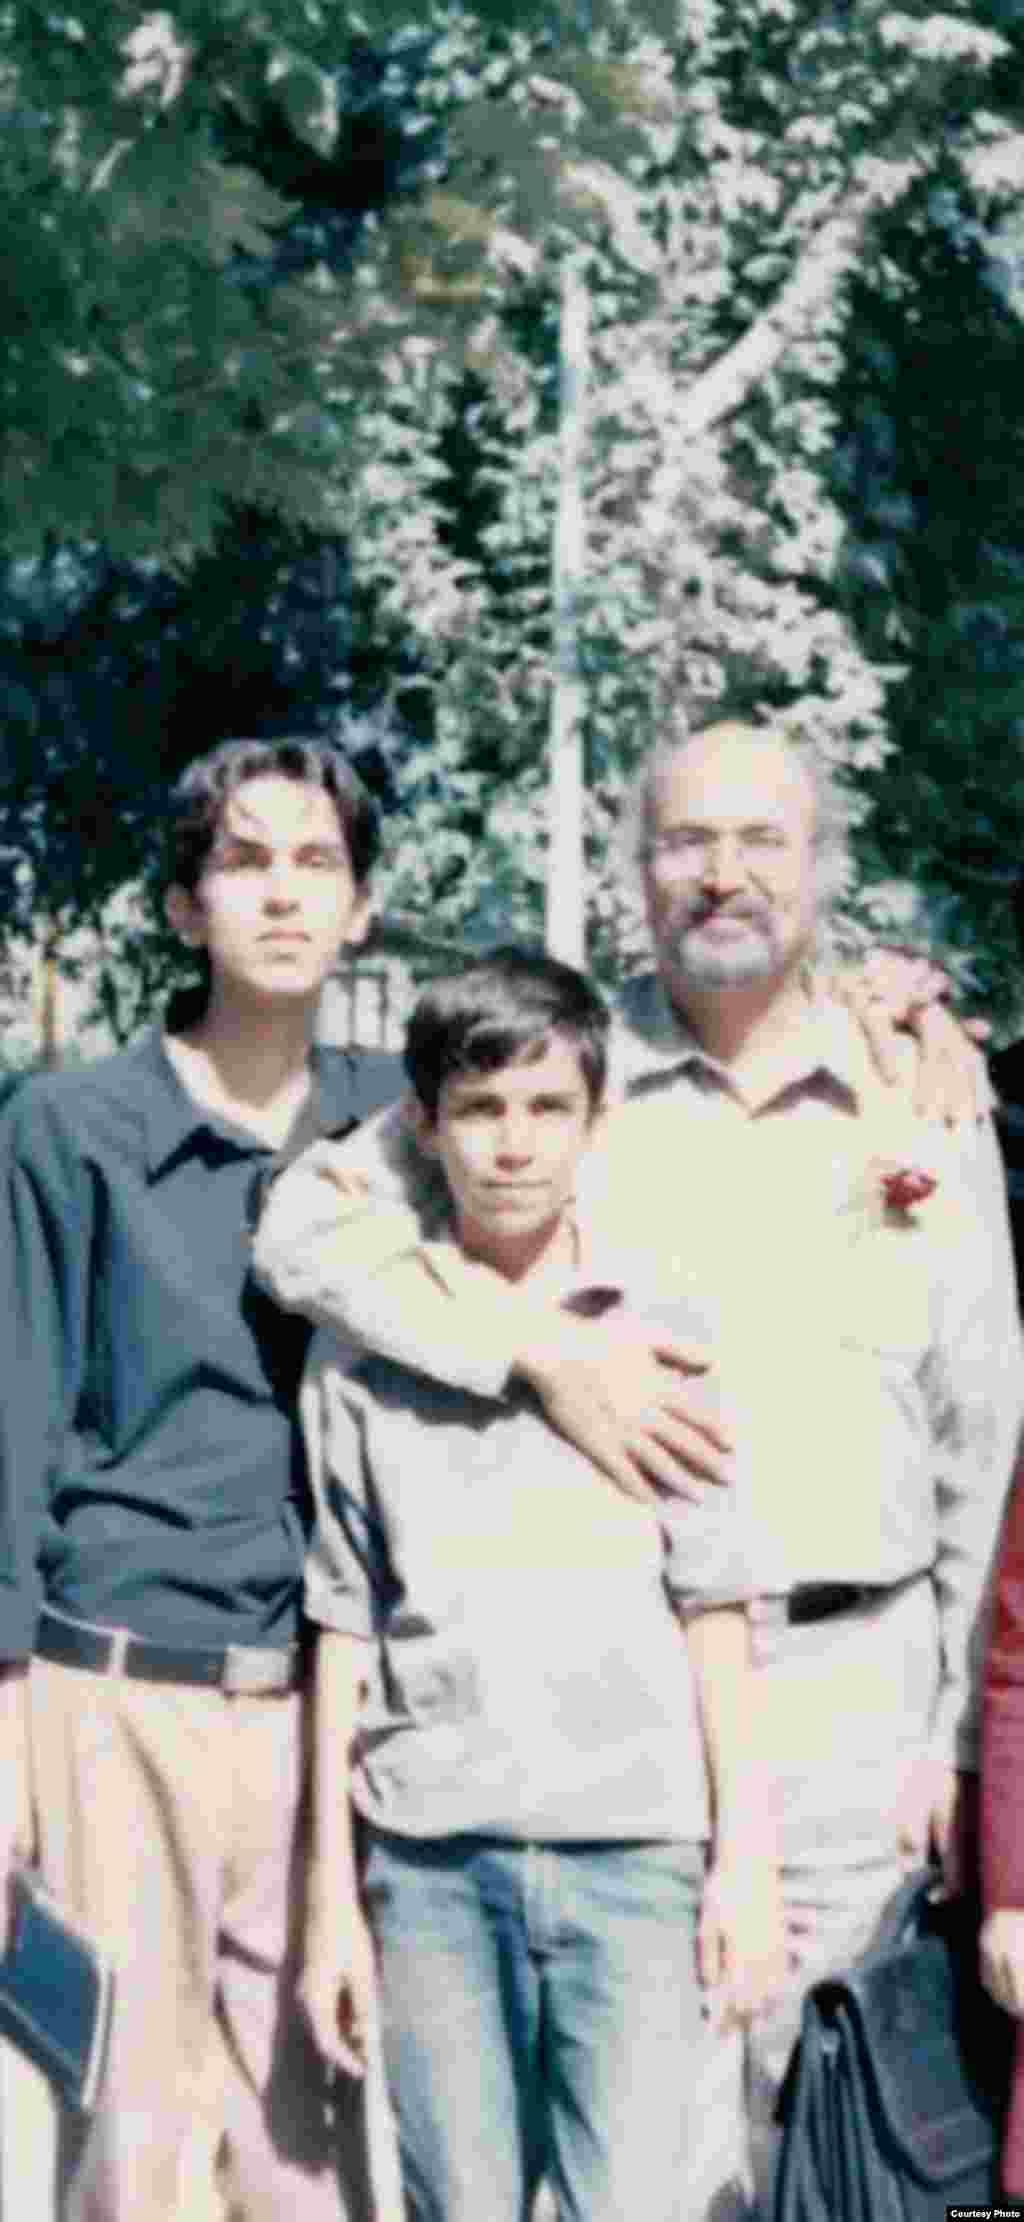 فرهنگسرایی در تهران به همراه برادر کوچکتر و عبدالرضا رادفر، شاعر و منتقد؛ سال ۱۳۸۴ که اولین کتاب پیام منتشر میشود.